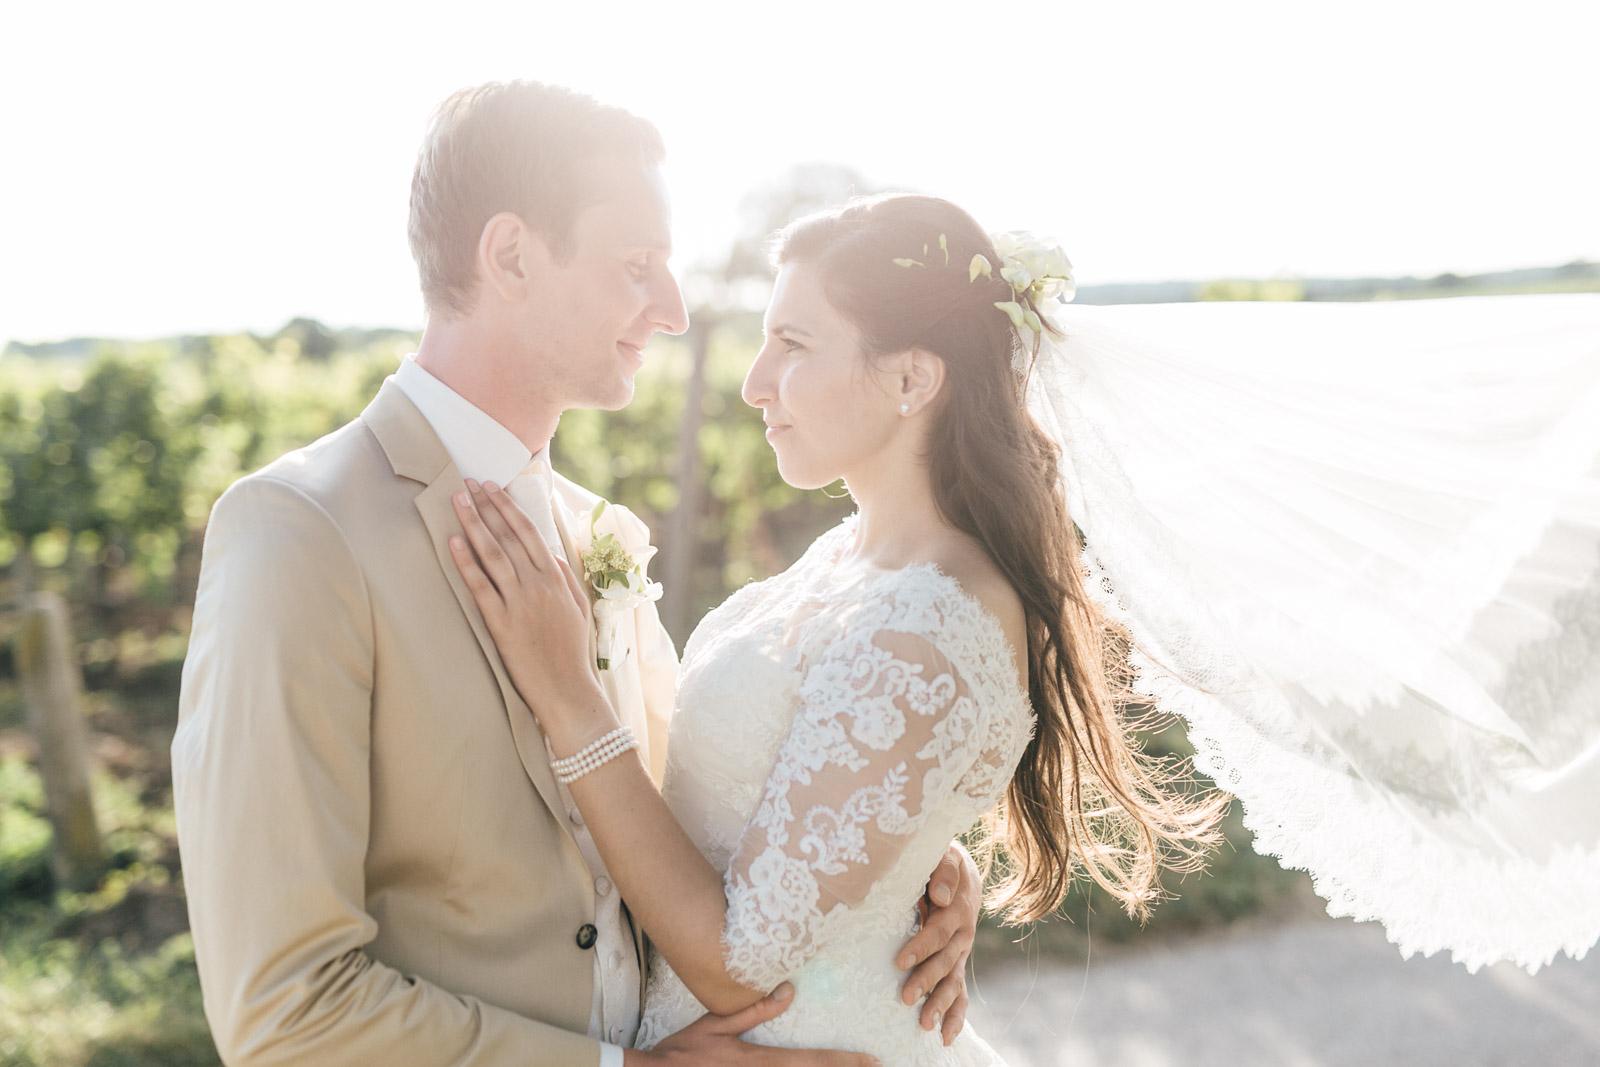 Brautpaarfotos am Hochzeitstag in Weiden am See Burgenland